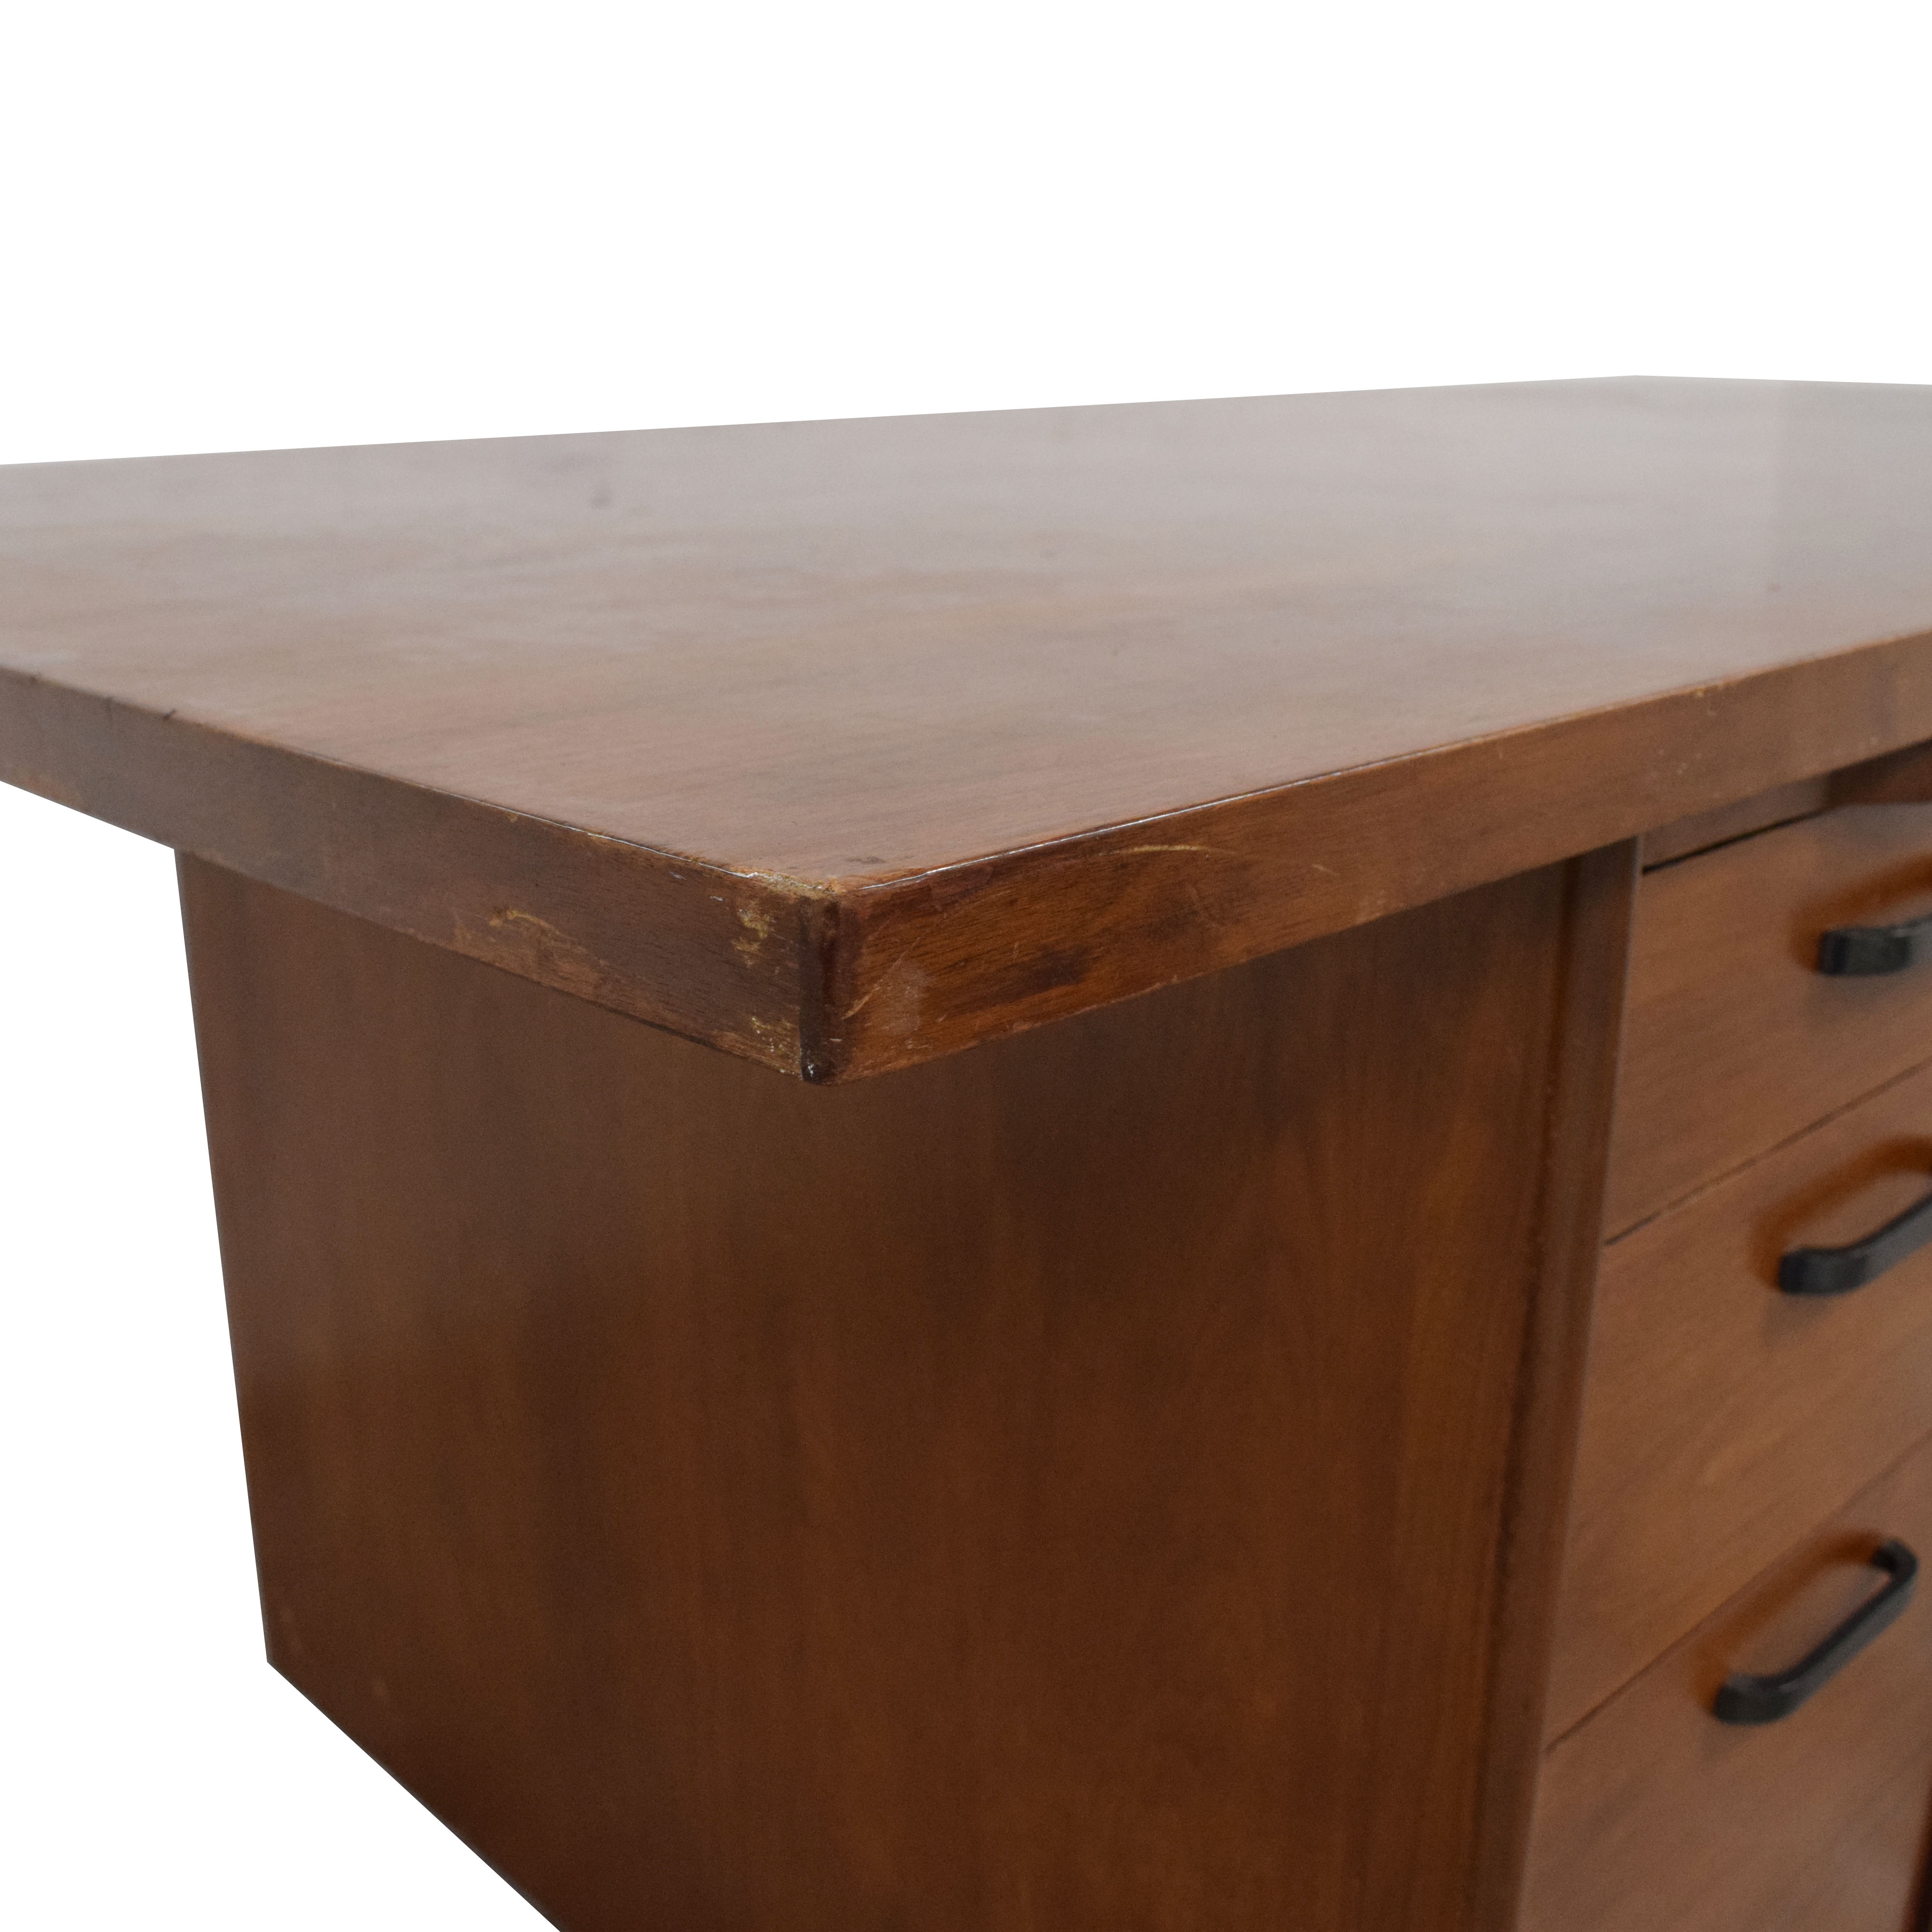 Standard Furniture Standard Furniture Executive Style Desk Home Office Desks